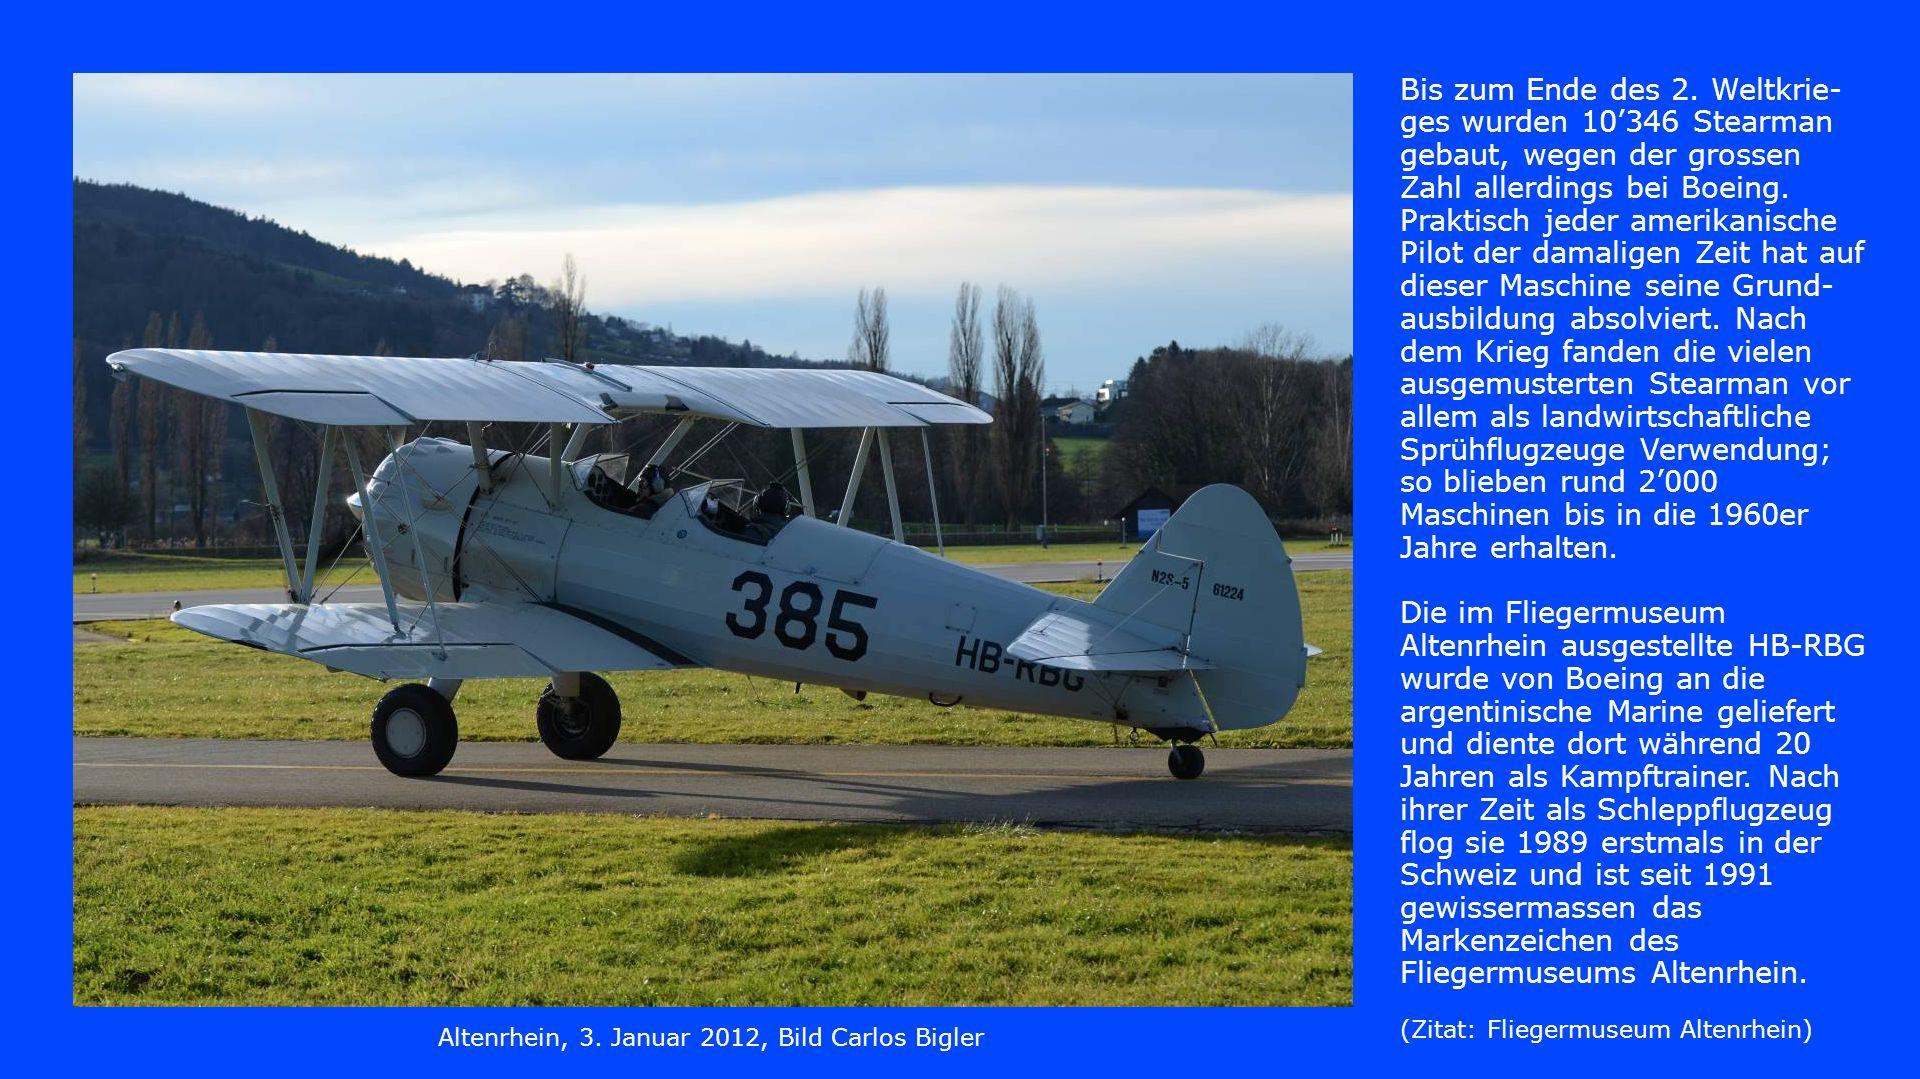 Bis zum Ende des 2. Weltkrie- ges wurden 10346 Stearman gebaut, wegen der grossen Zahl allerdings bei Boeing. Praktisch jeder amerikanische Pilot der